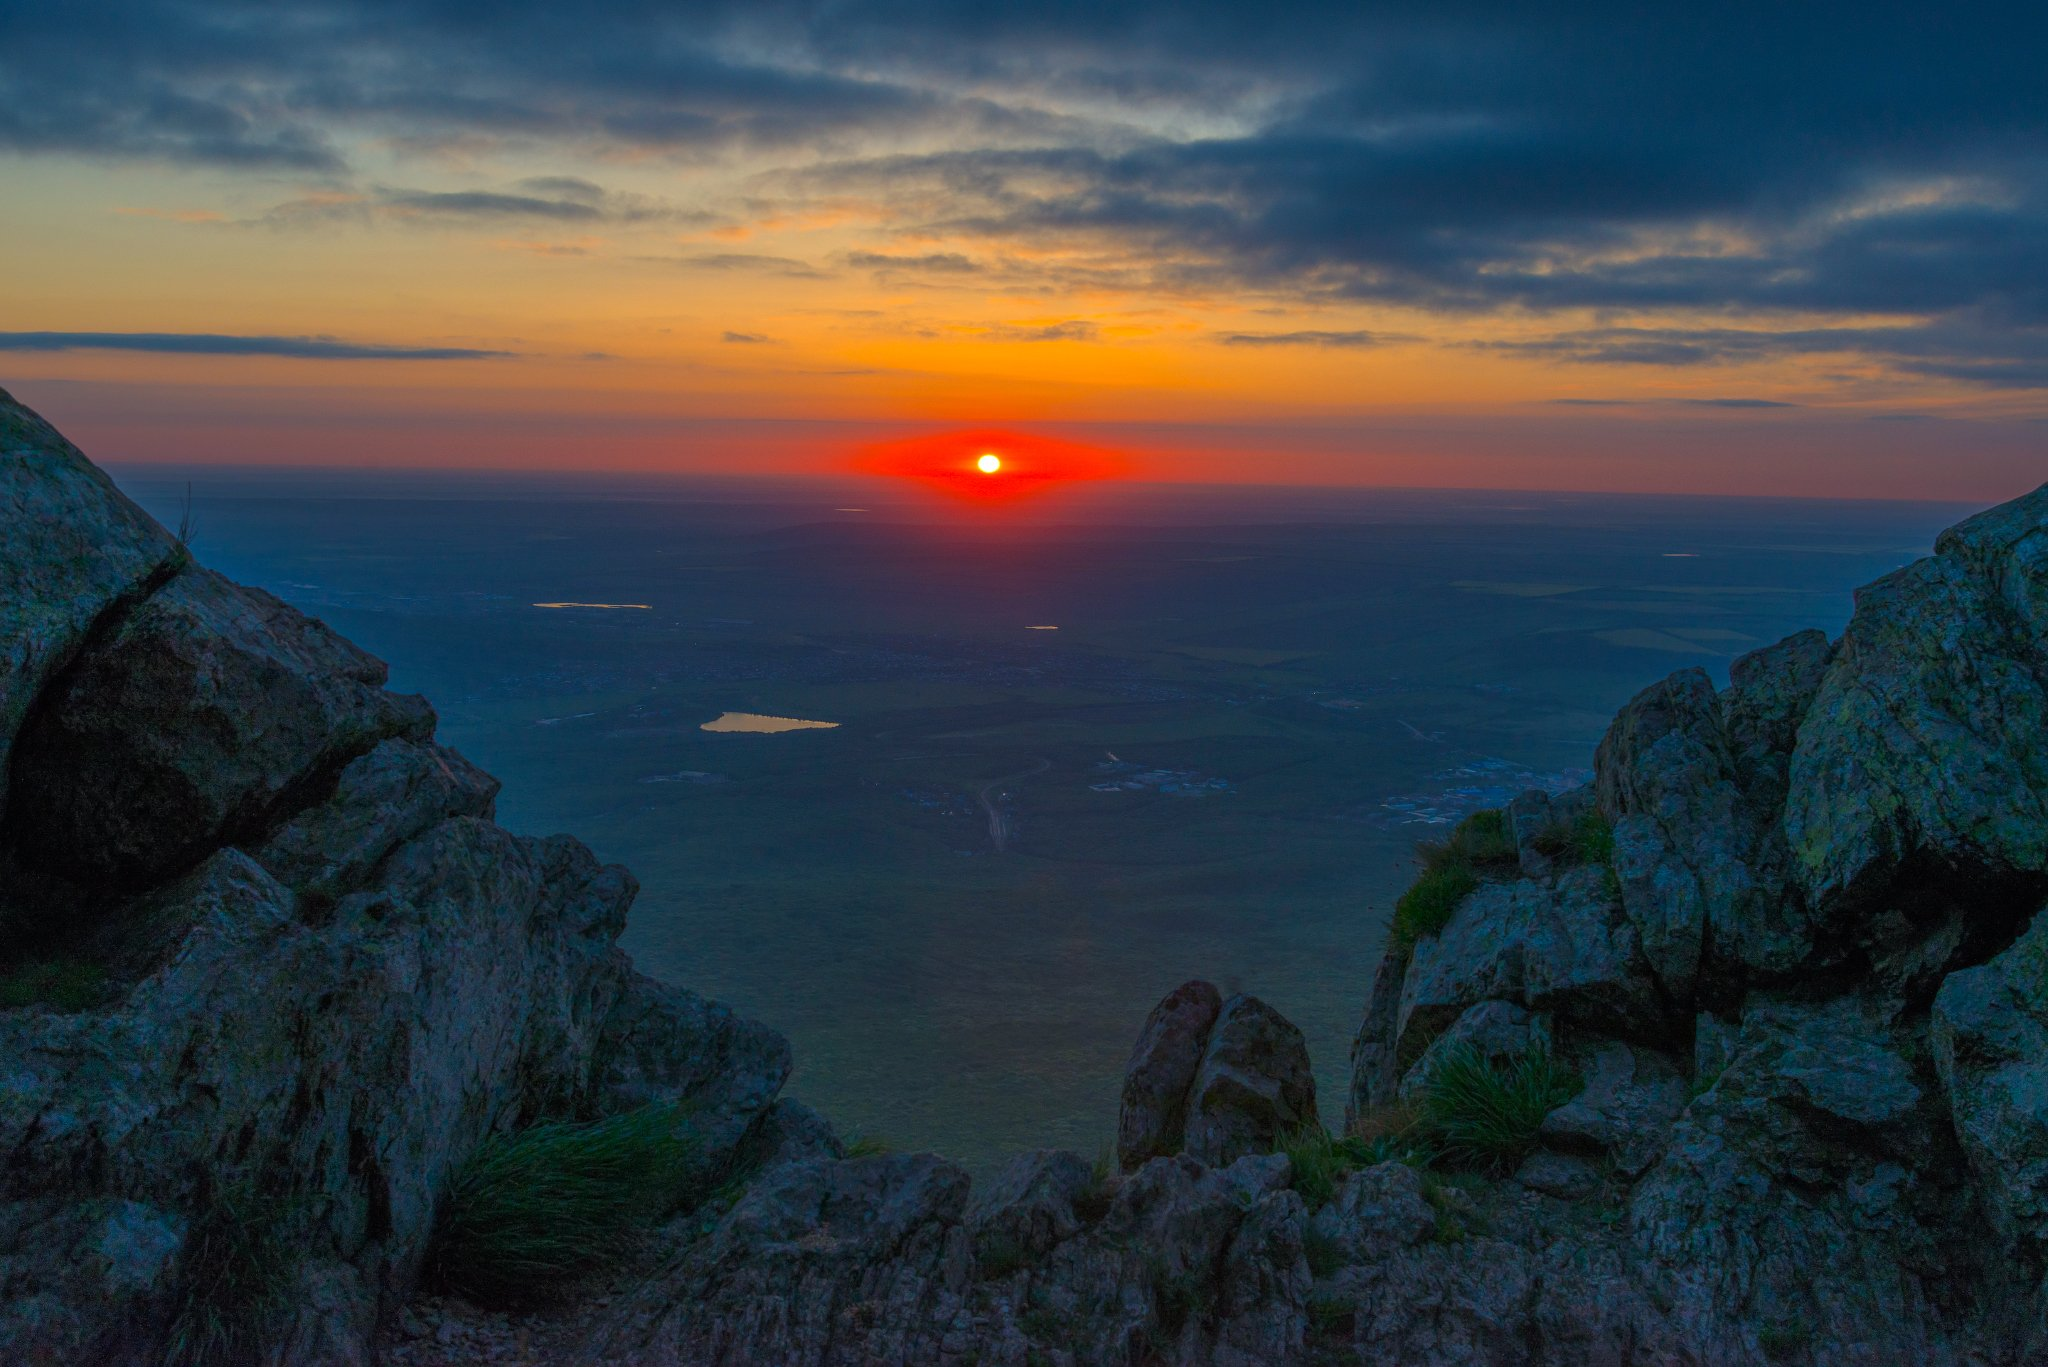 восход,горы,камни, природа,пейзаж, Елена Брежицкая